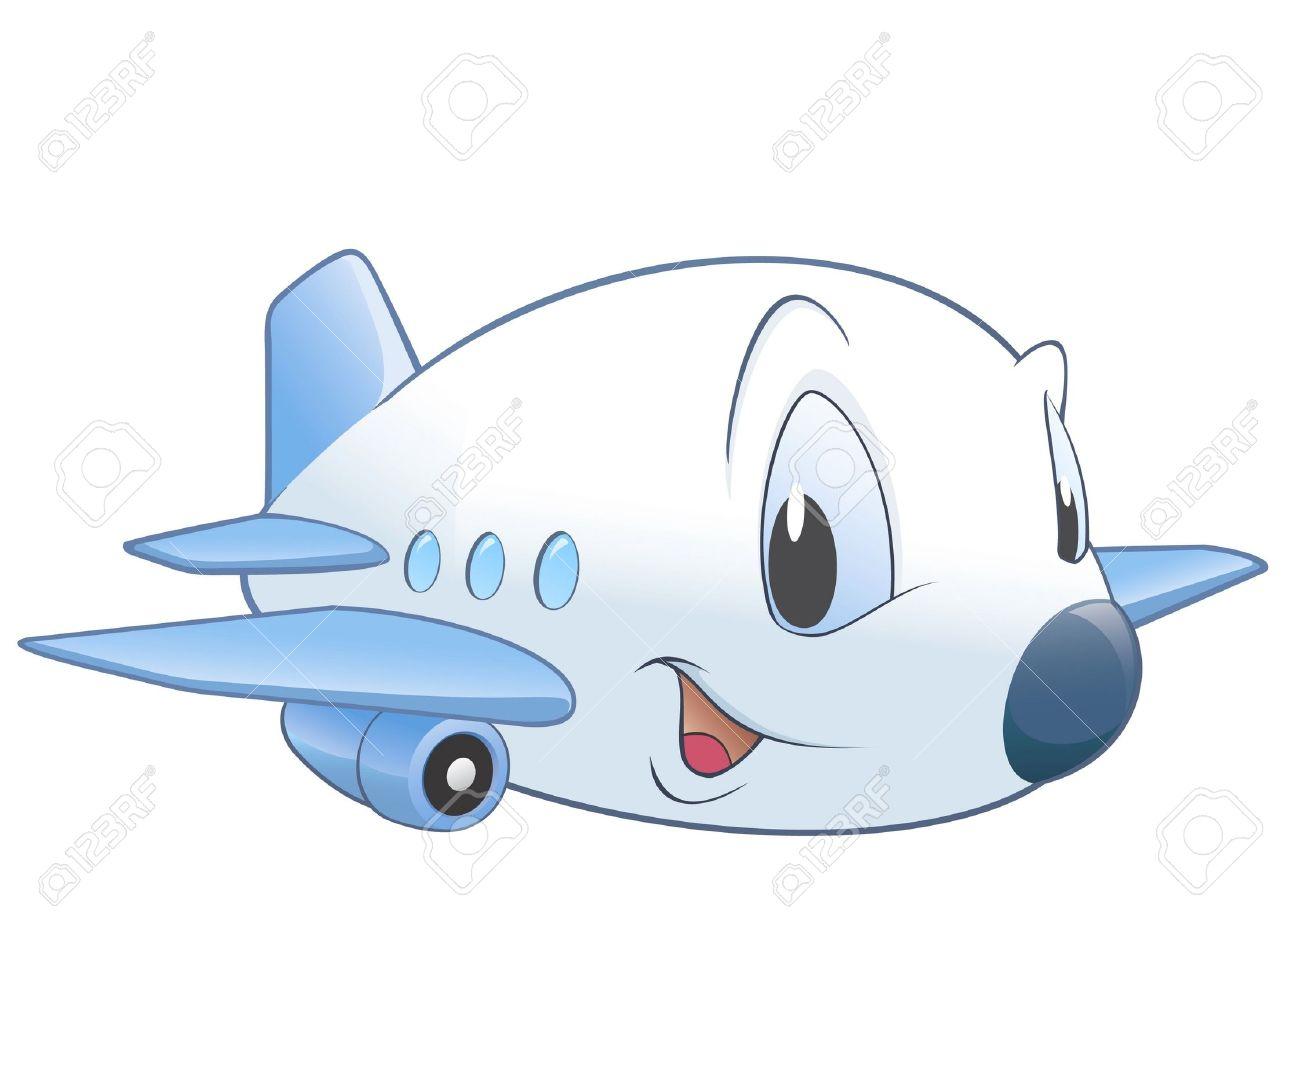 かわいい漫画の飛行機のベクトル イラスト放射状グラデーションなし